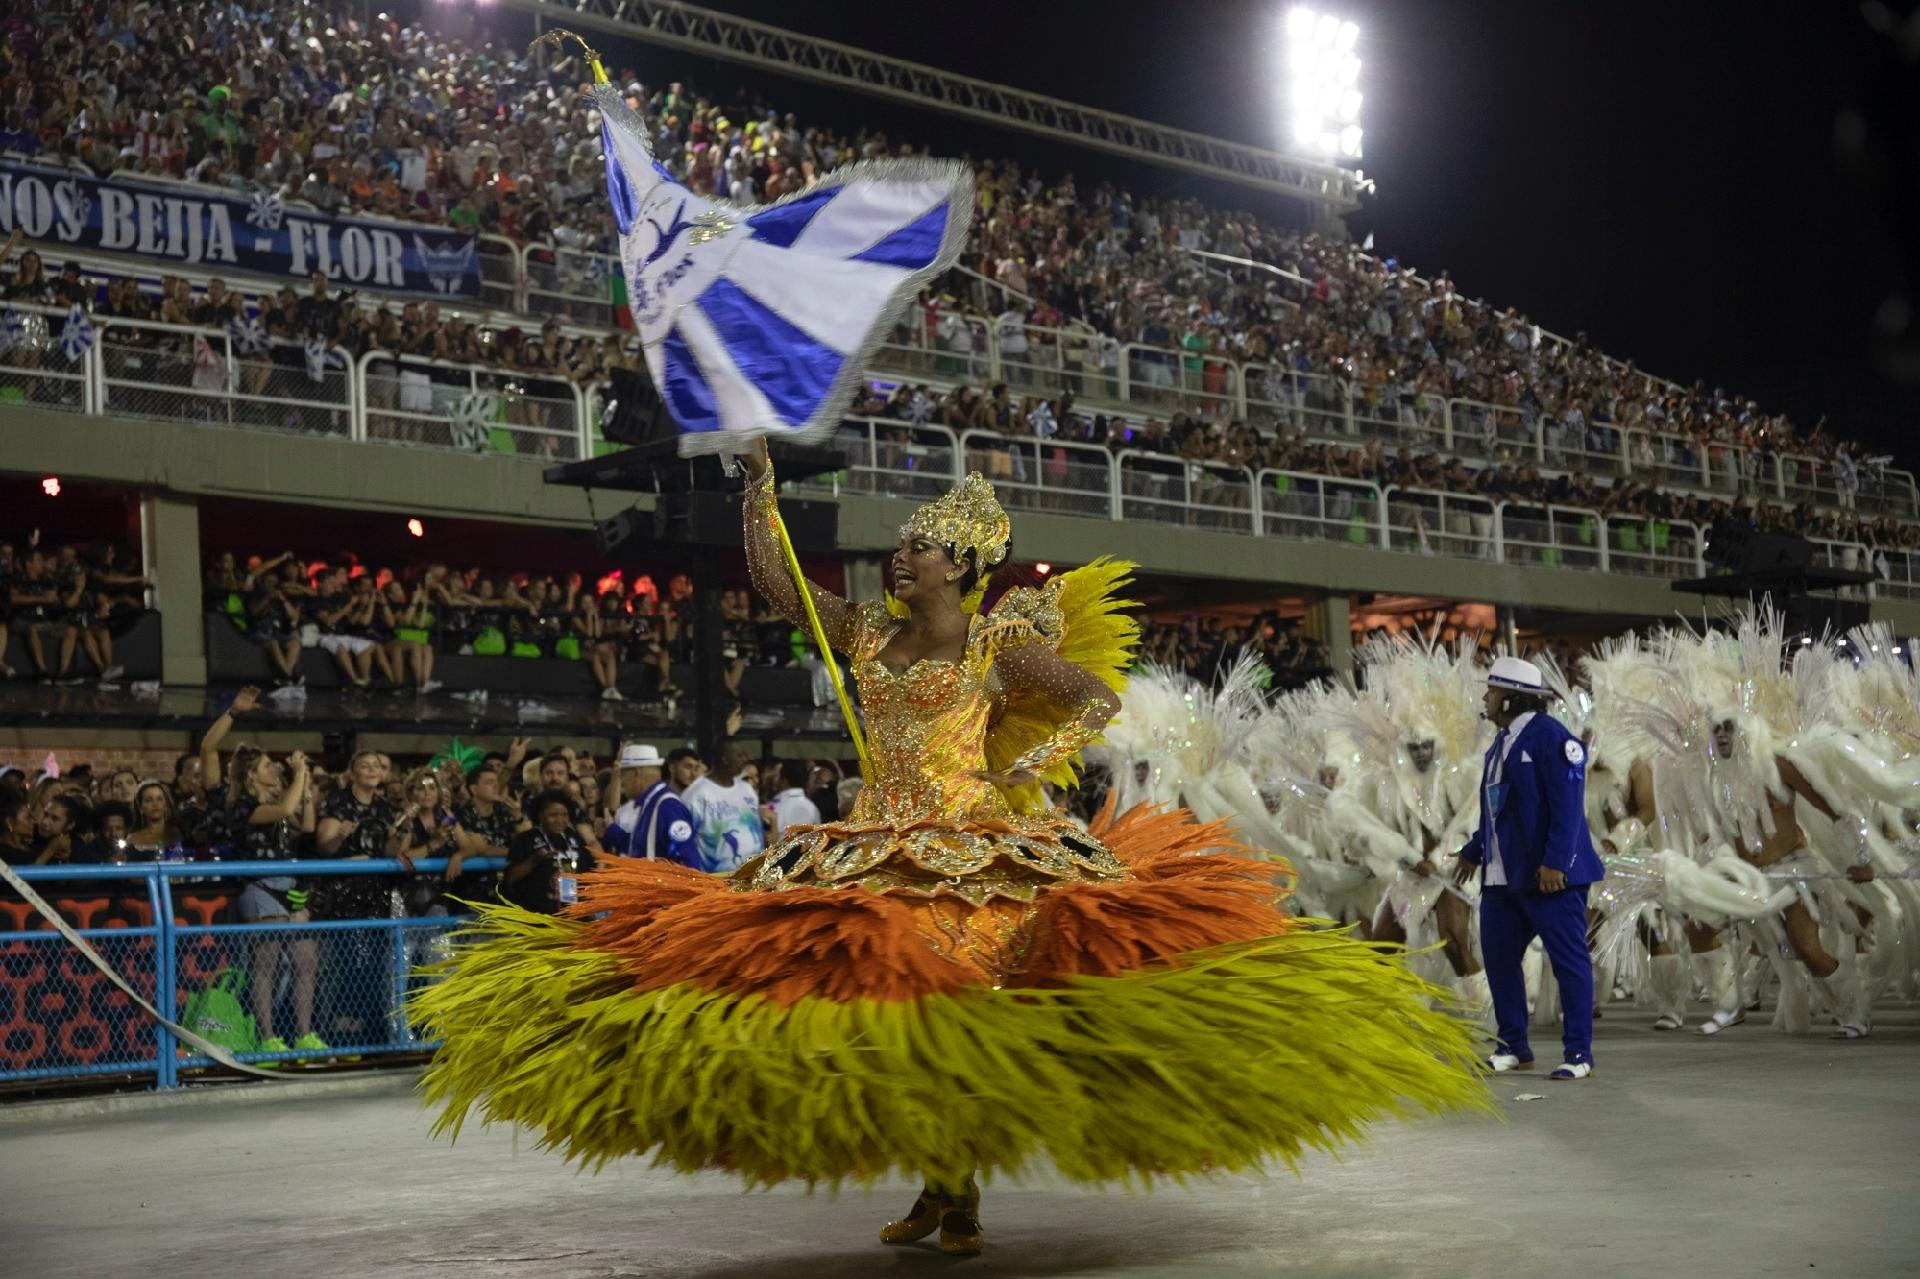 Carnaval 2021 - Desfiles das escolas de samba do Rio são adiados